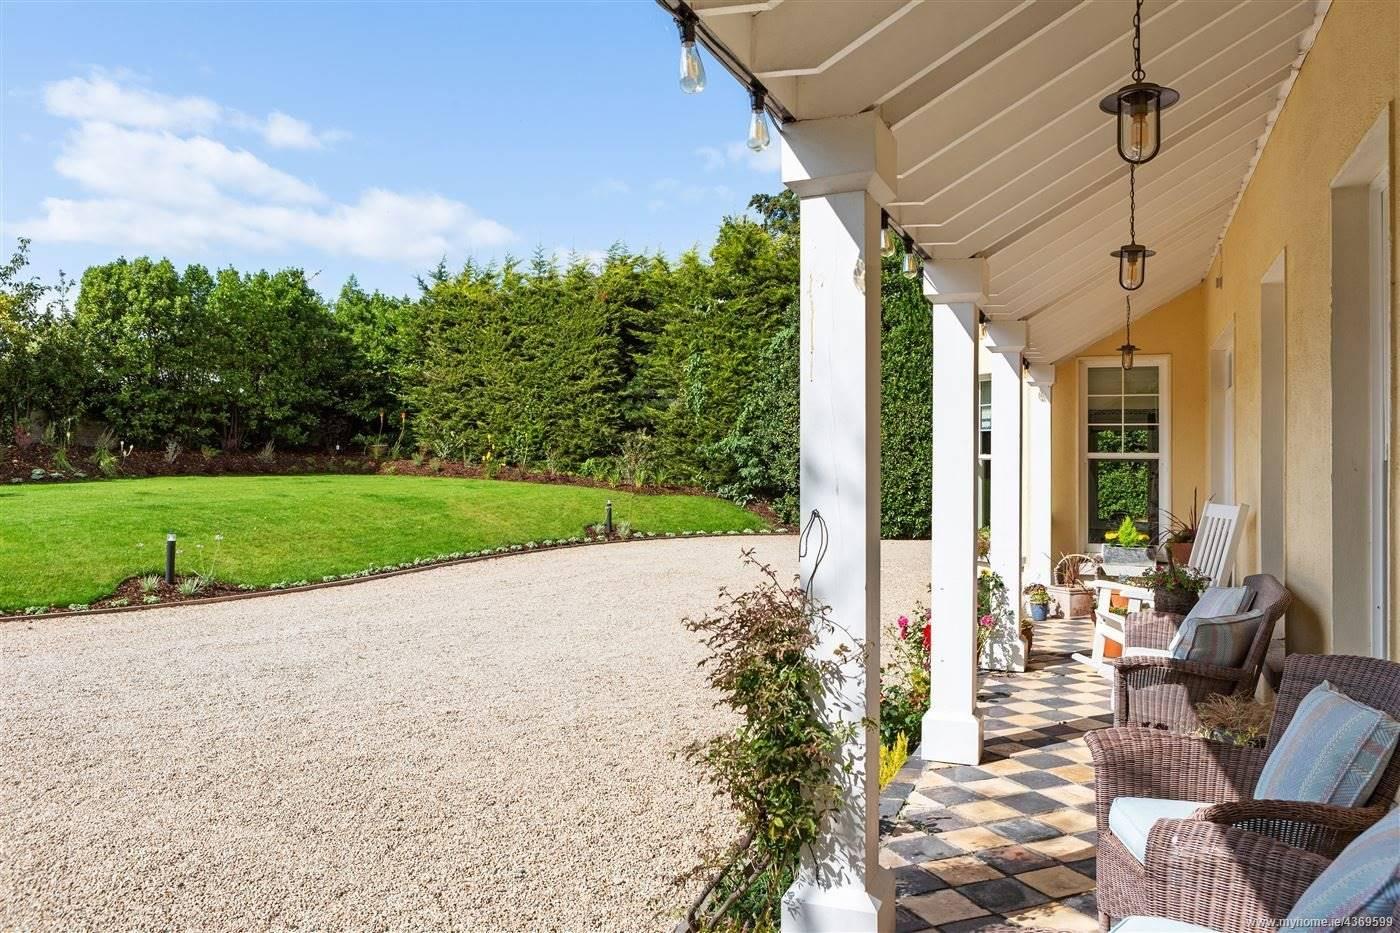 Porche y jardin de la casa de Saoirse Ronan de Mujercitas. Un porche para recibir a los invitados